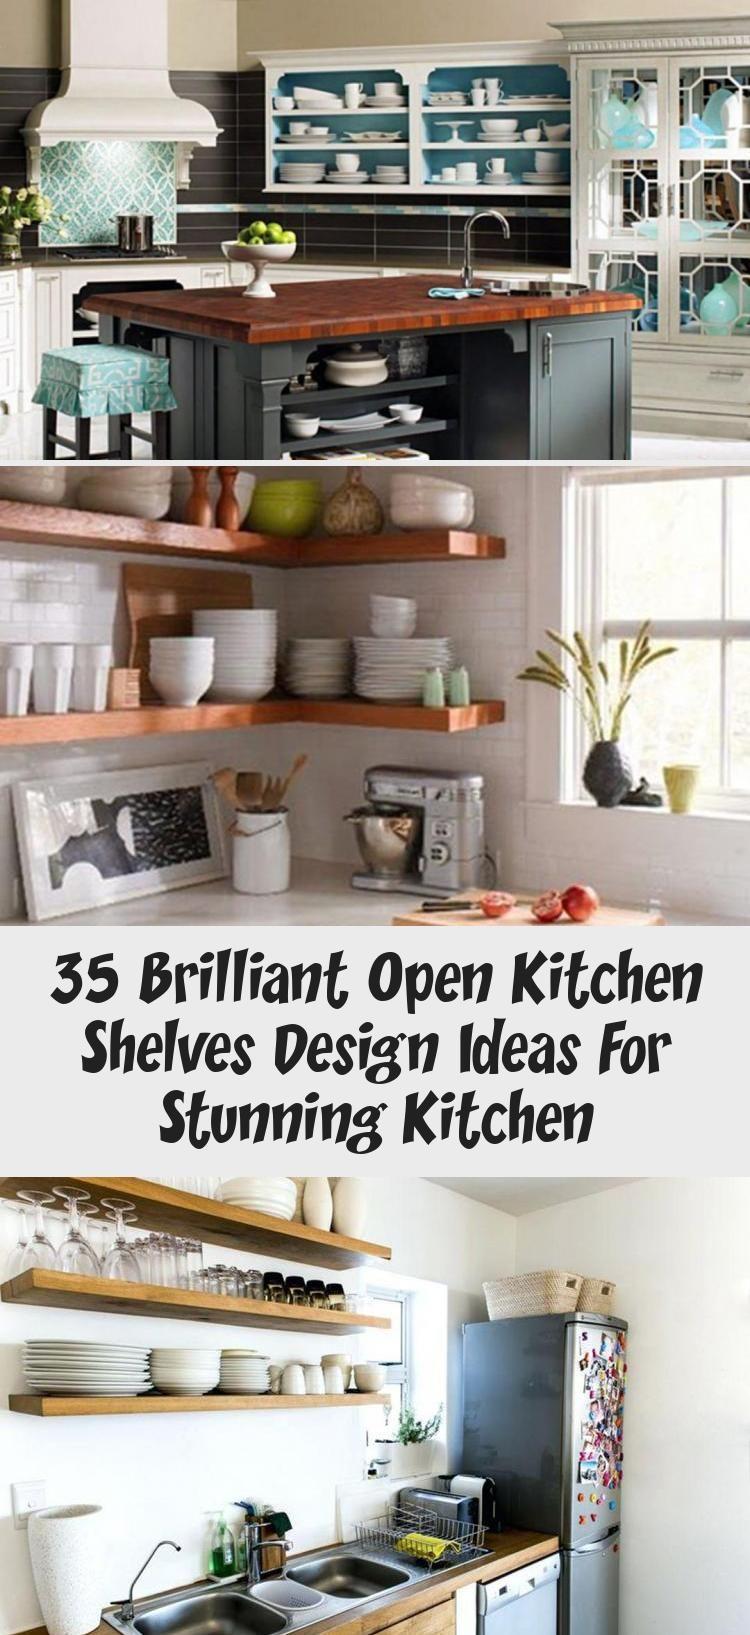 35 Brilliant Open Kitchen Shelves